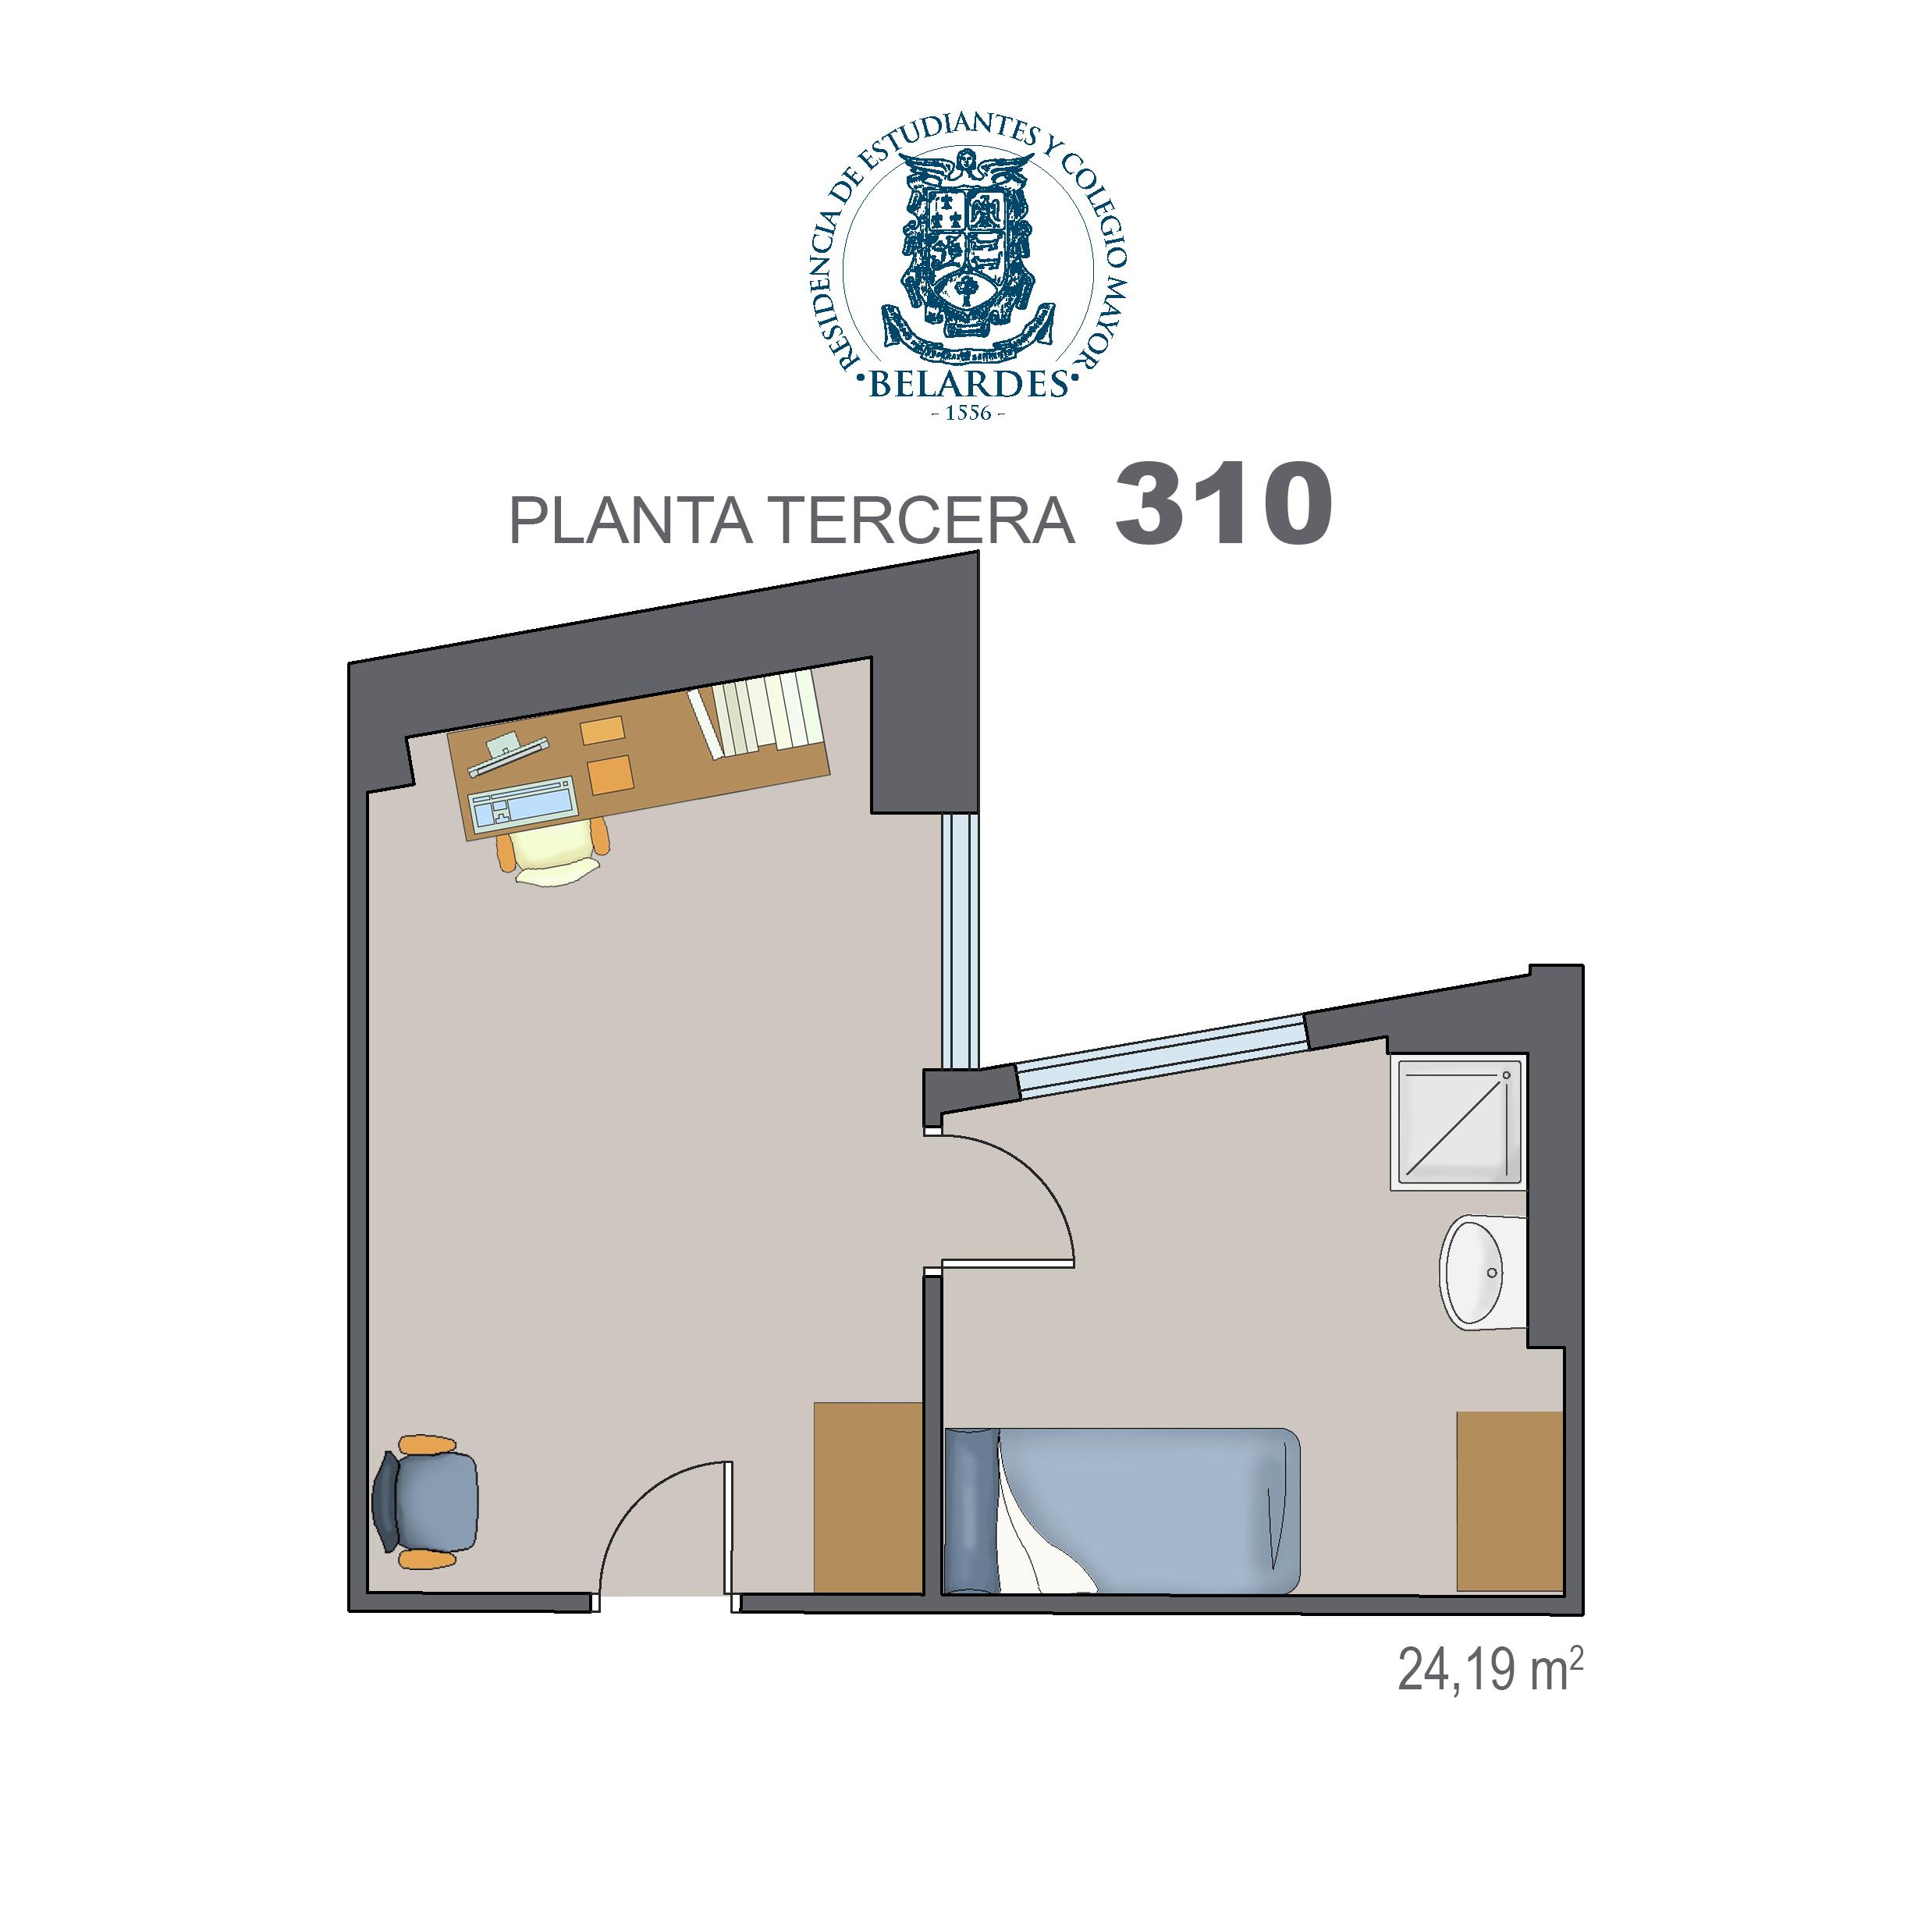 tercera 310